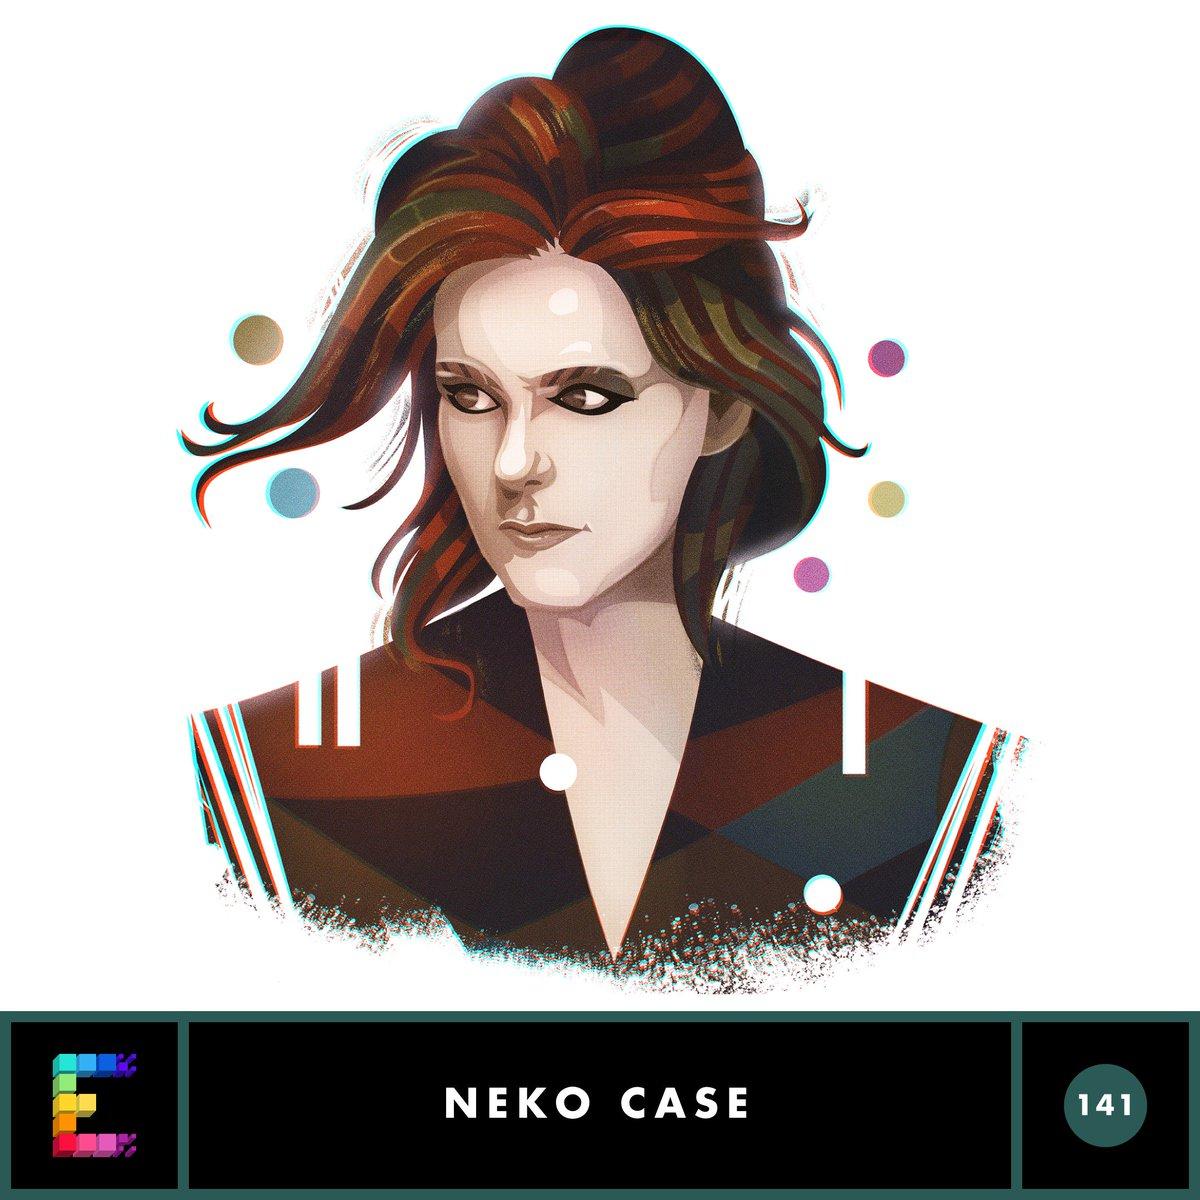 neko case discography